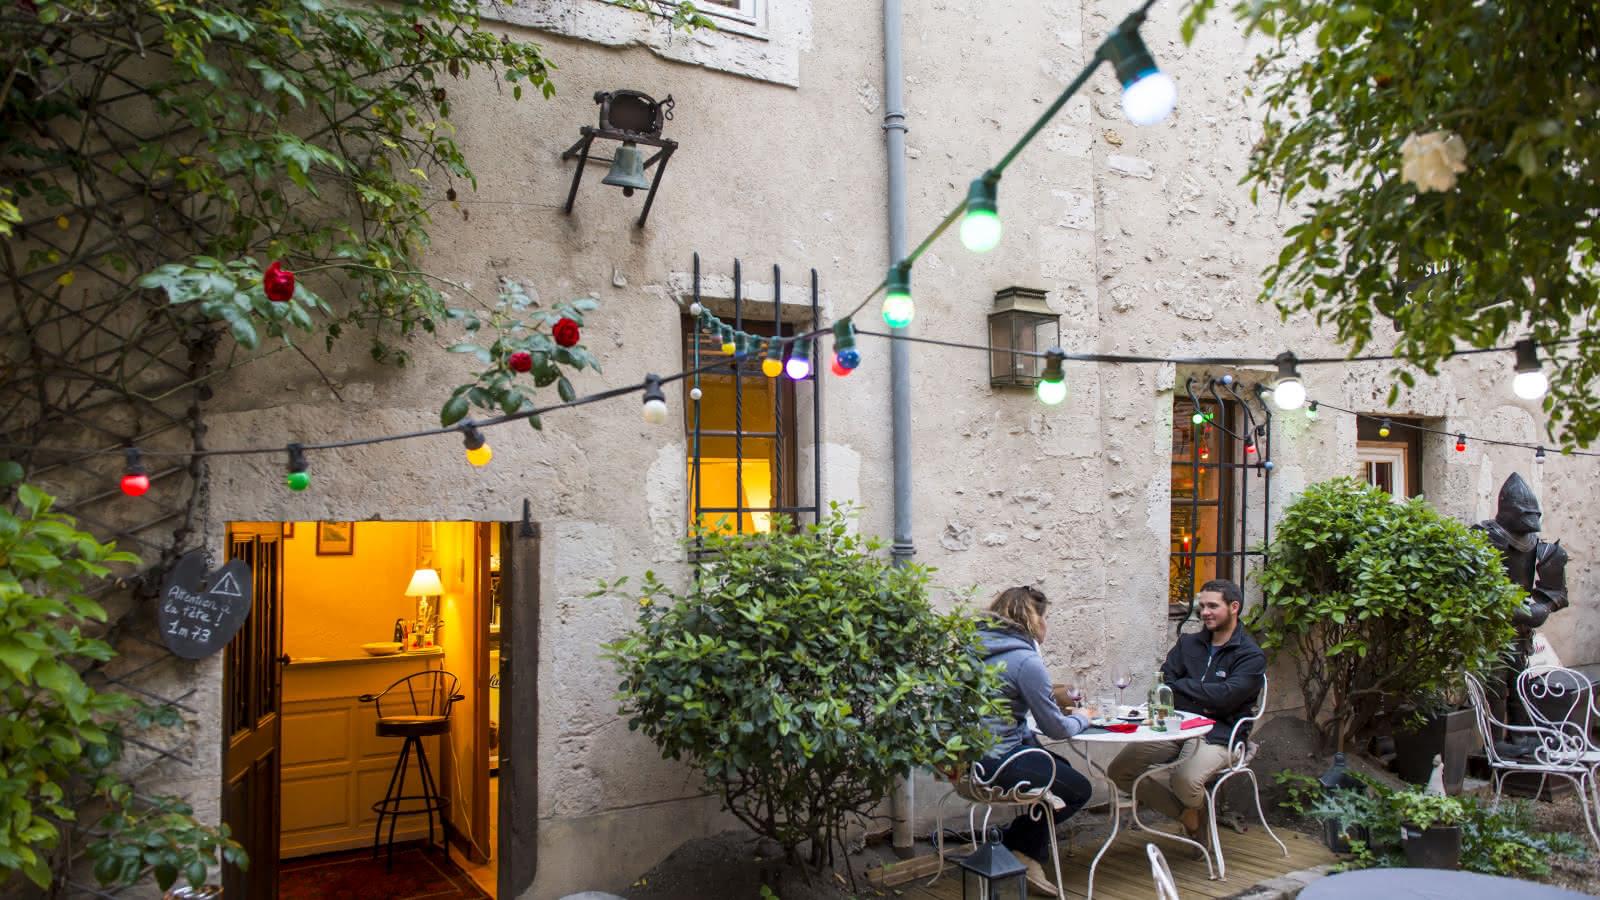 Autour de Blois - Les forges du château - City break à Blois - A voir à faire autour du château de Blois ©Cyril Chigot - Conseil départemental 41